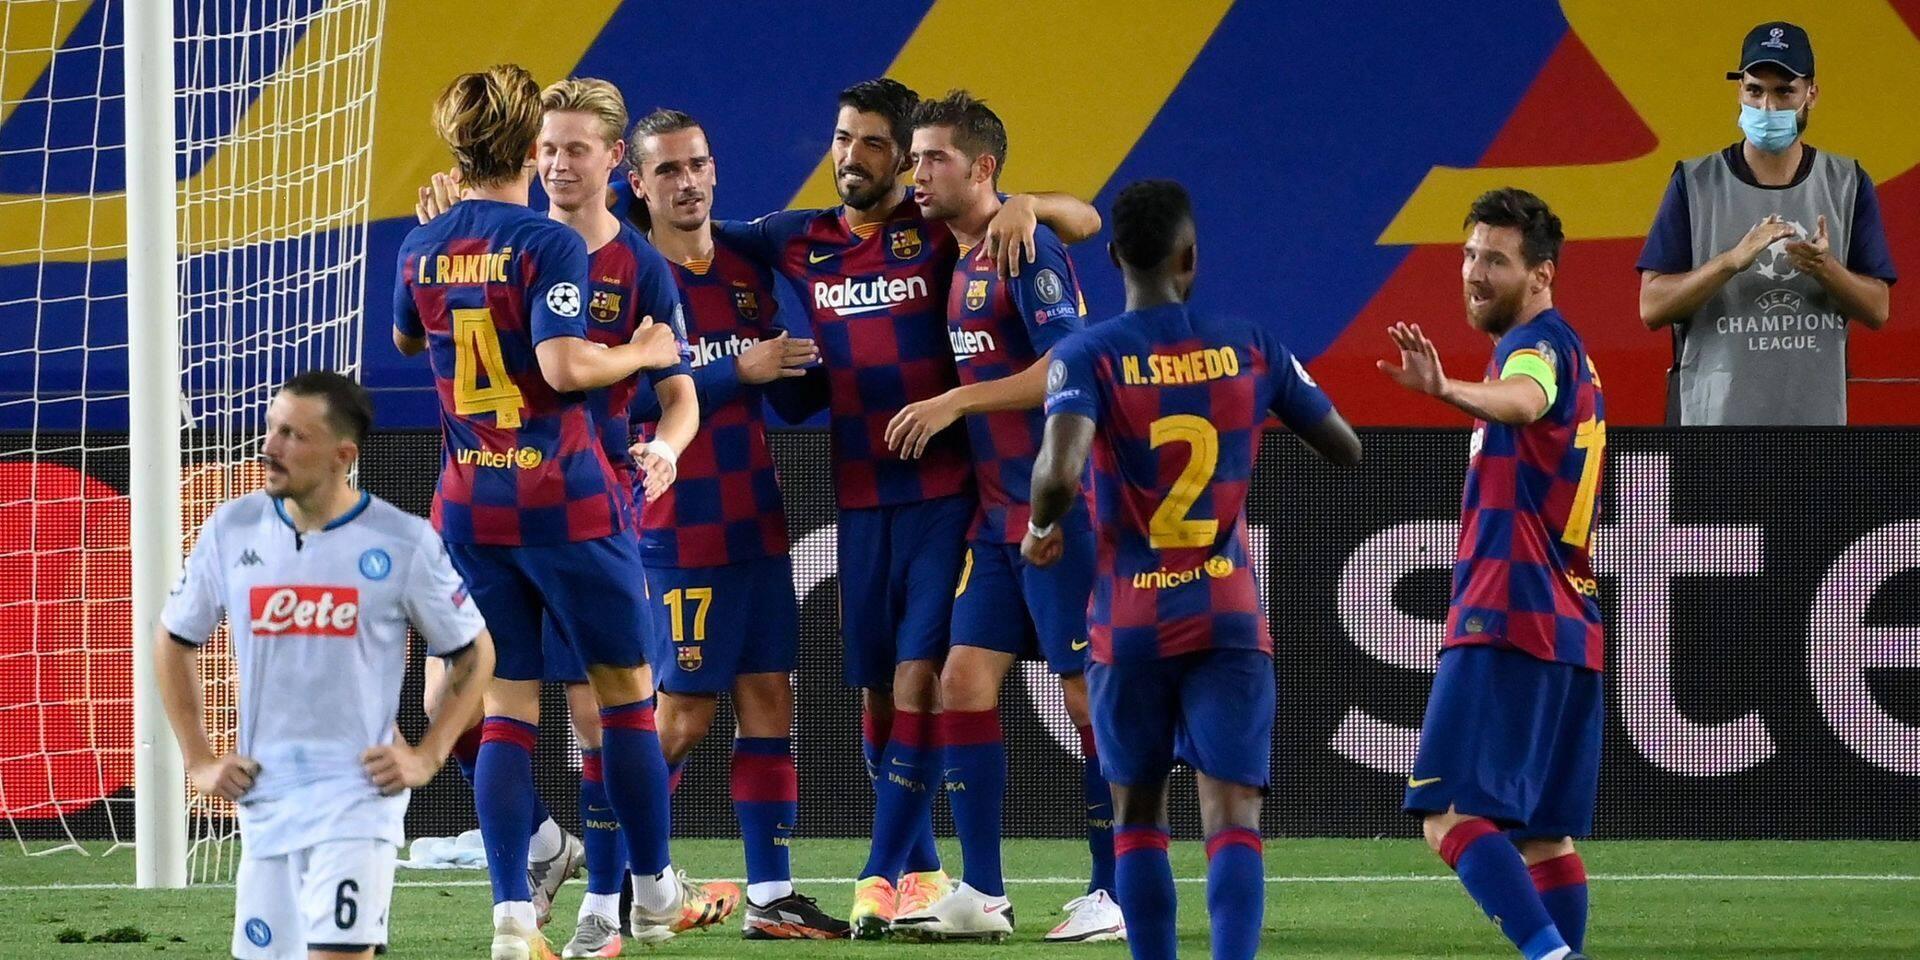 Un joueur de Barcelone testé positif, le match face au Bayern maintenu